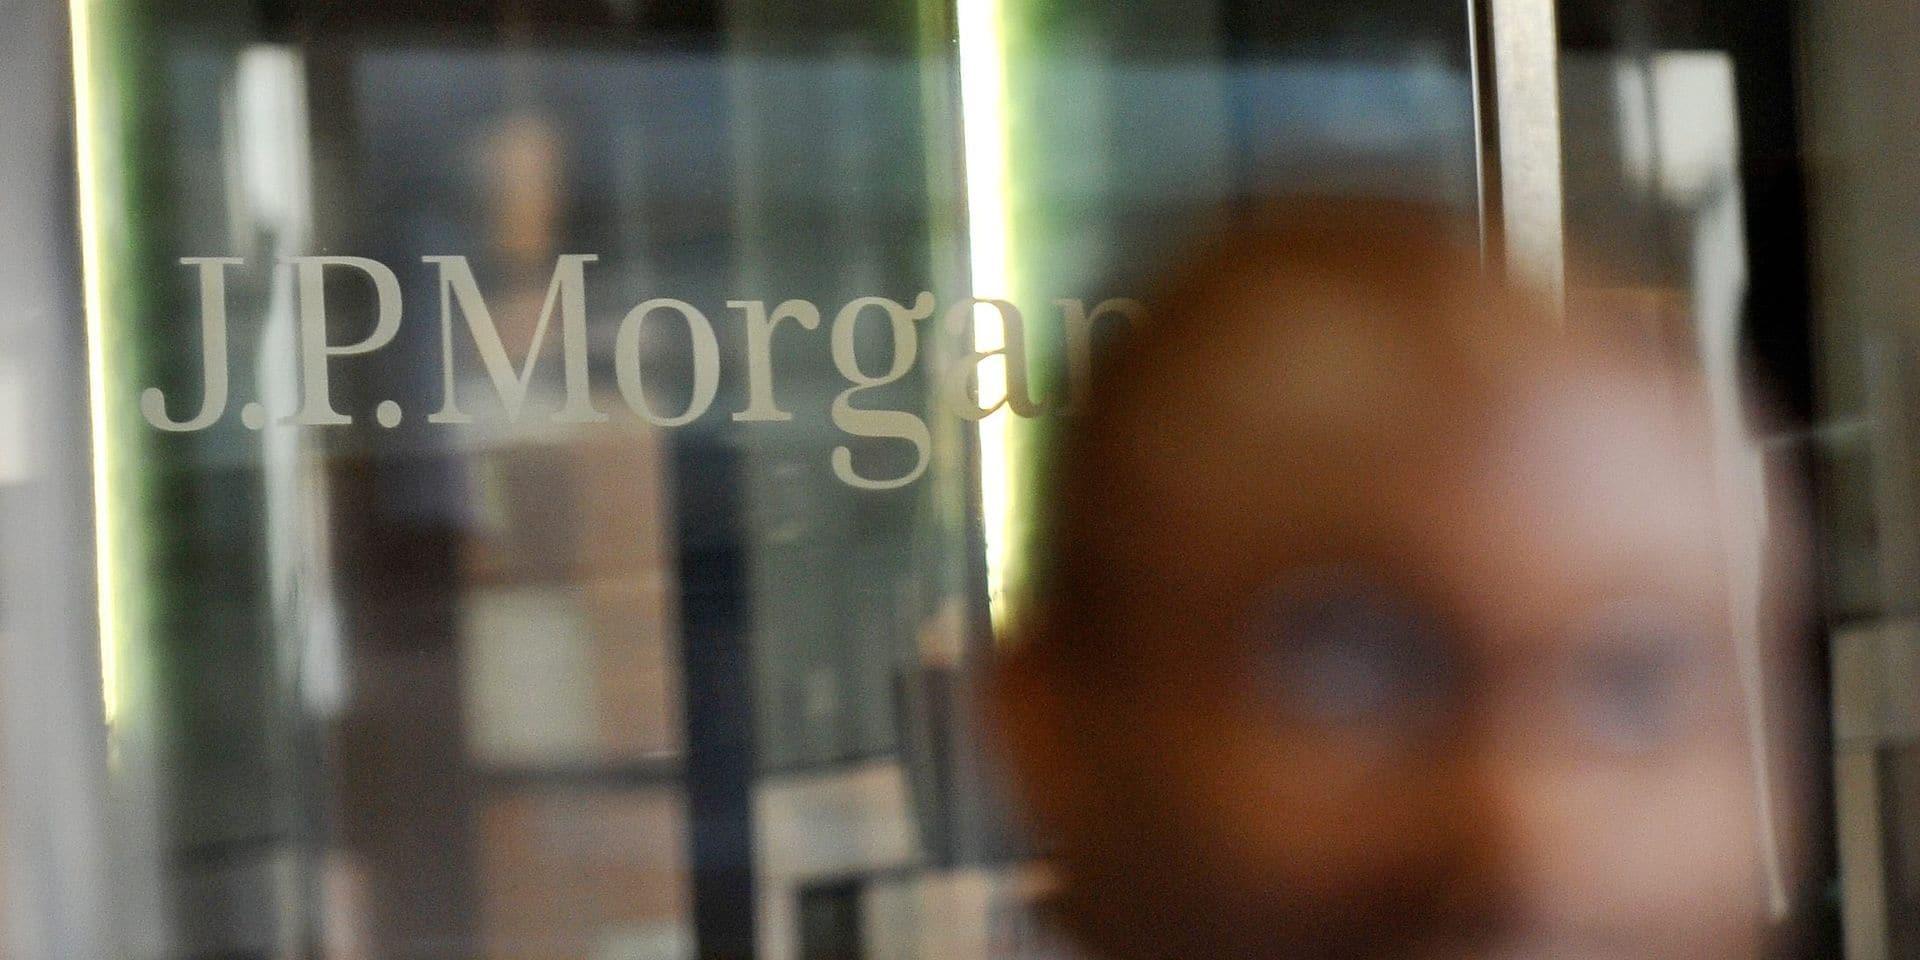 JPMorgan prépare son Brexit et transfère 230 milliards de dollars d'actifs en Allemagne